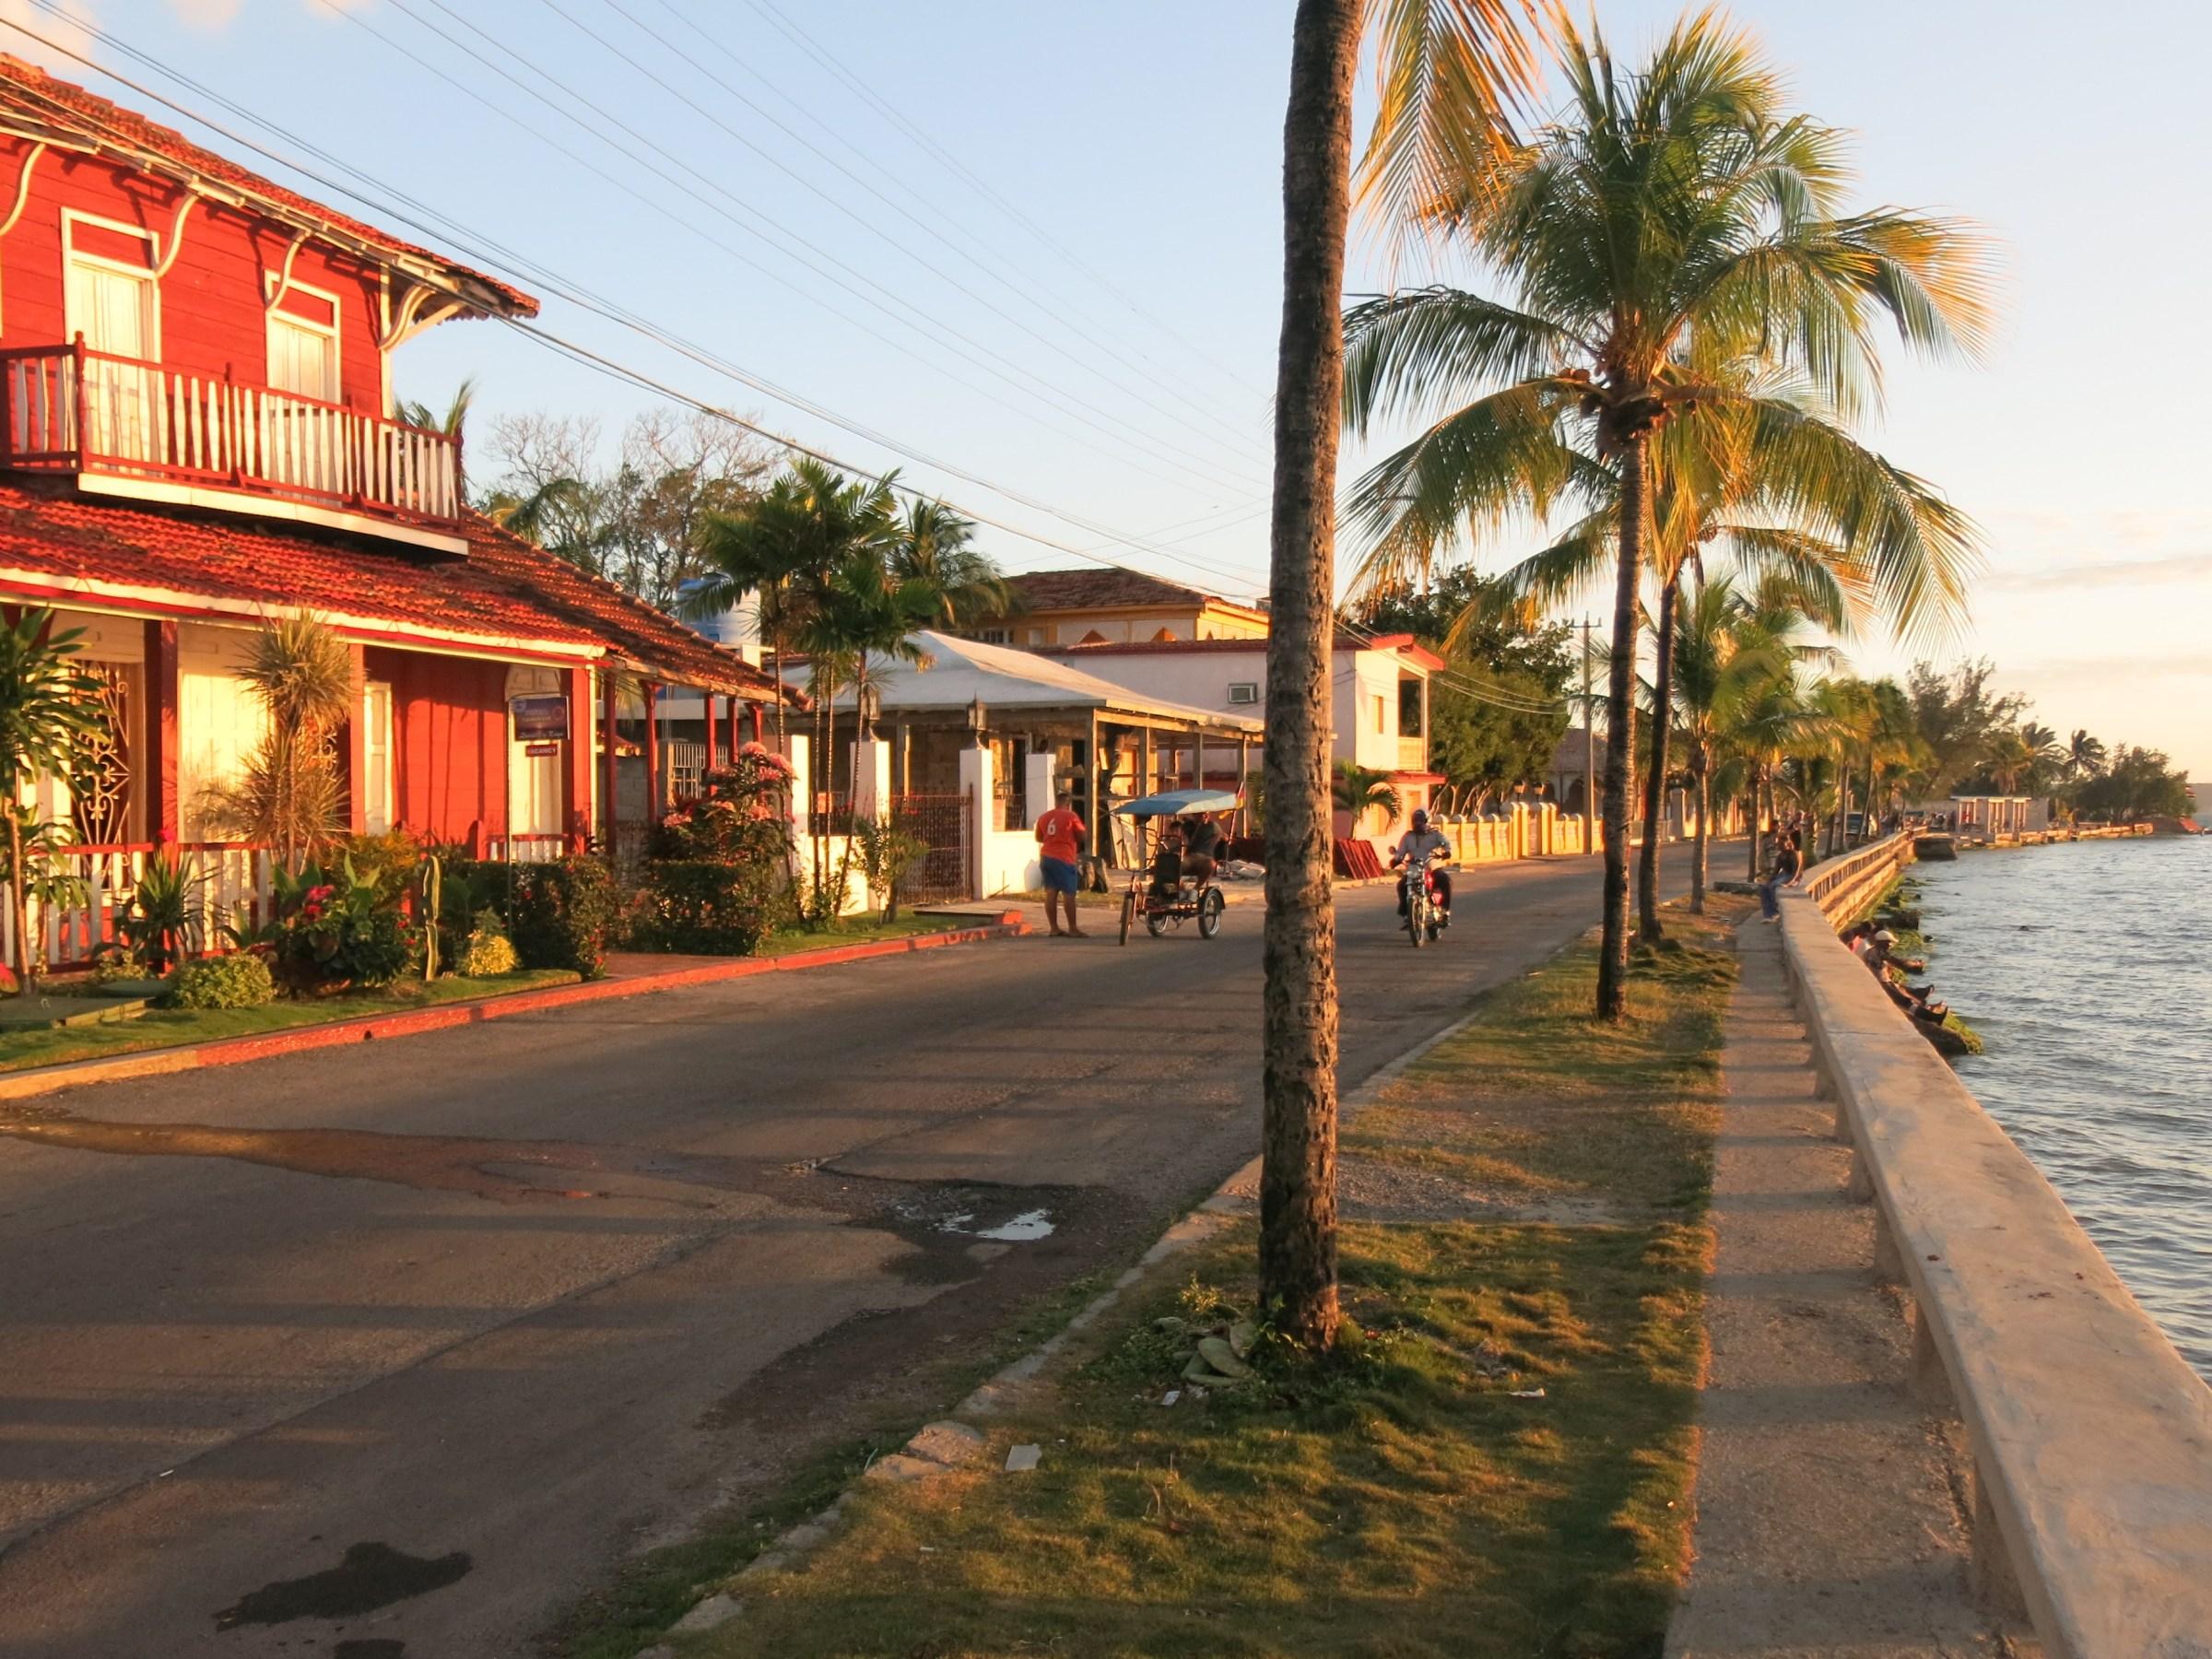 kvällssolen skiner på husen i Cienfuegos